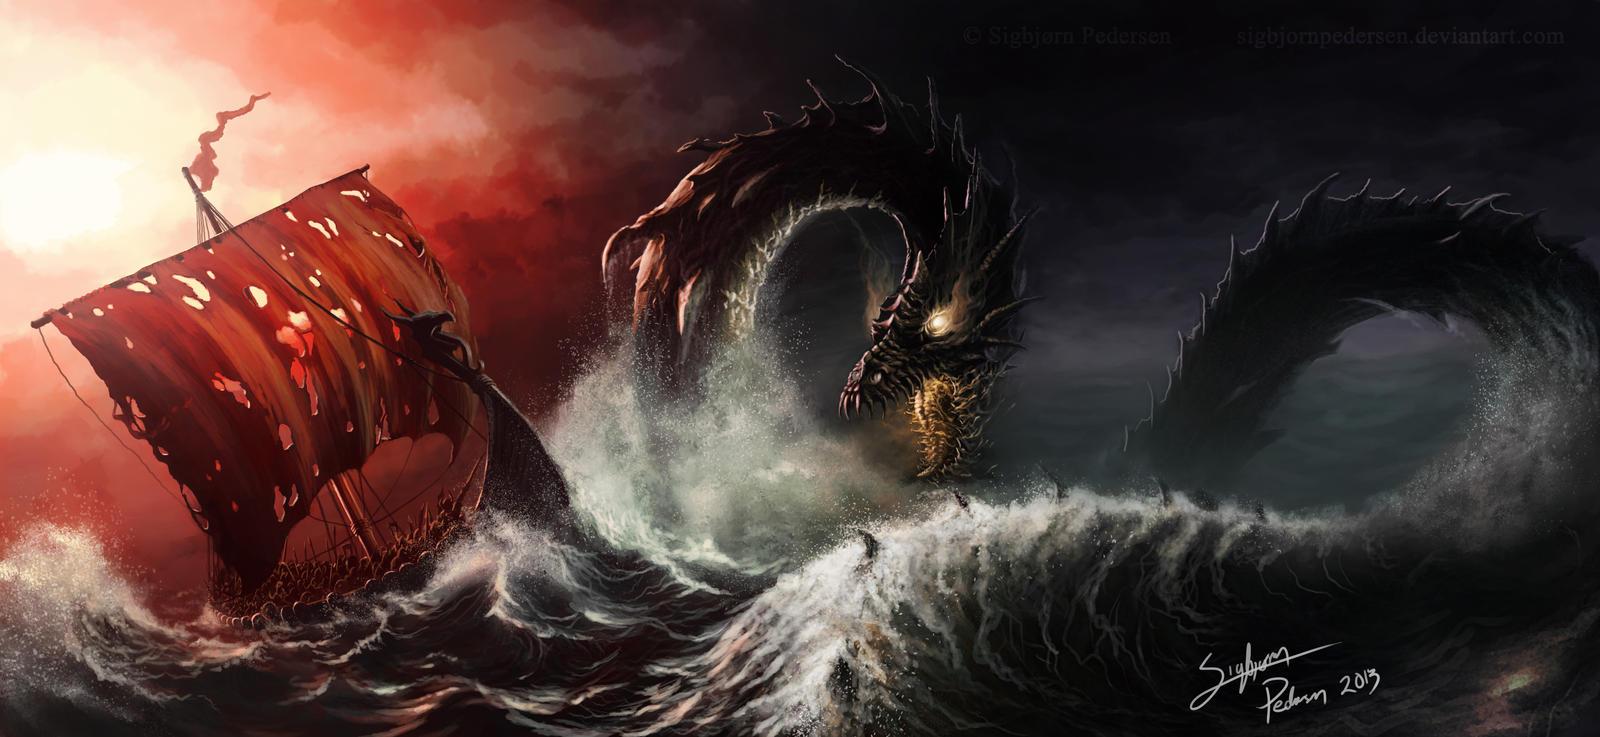 The world serpent by SigbjornPedersen